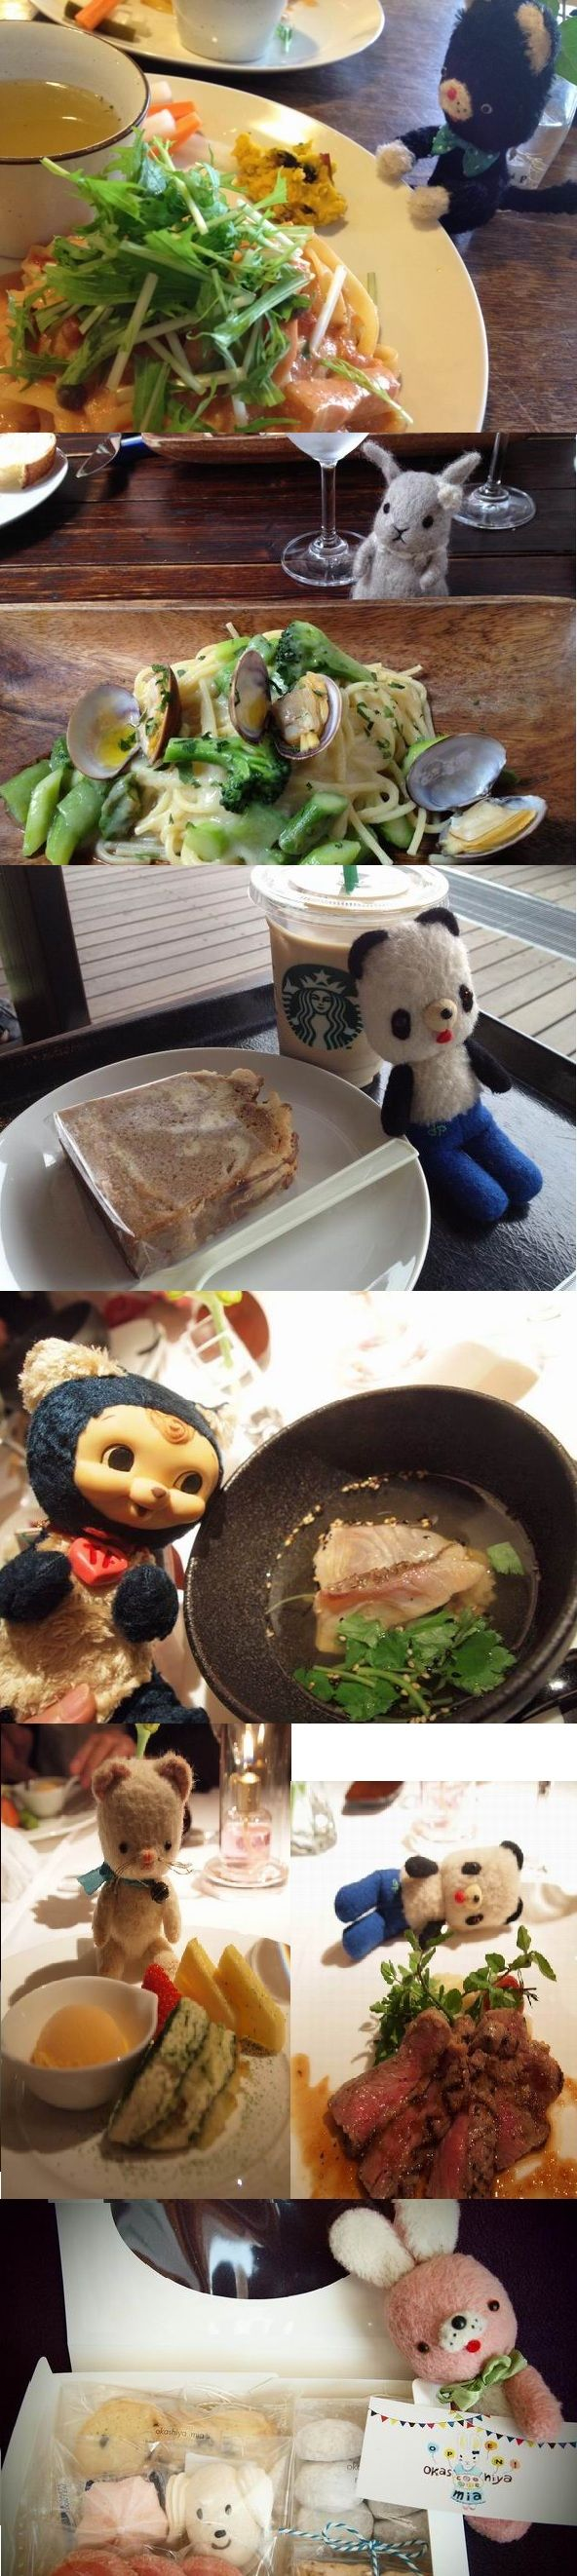 23徳田さん写真人形0